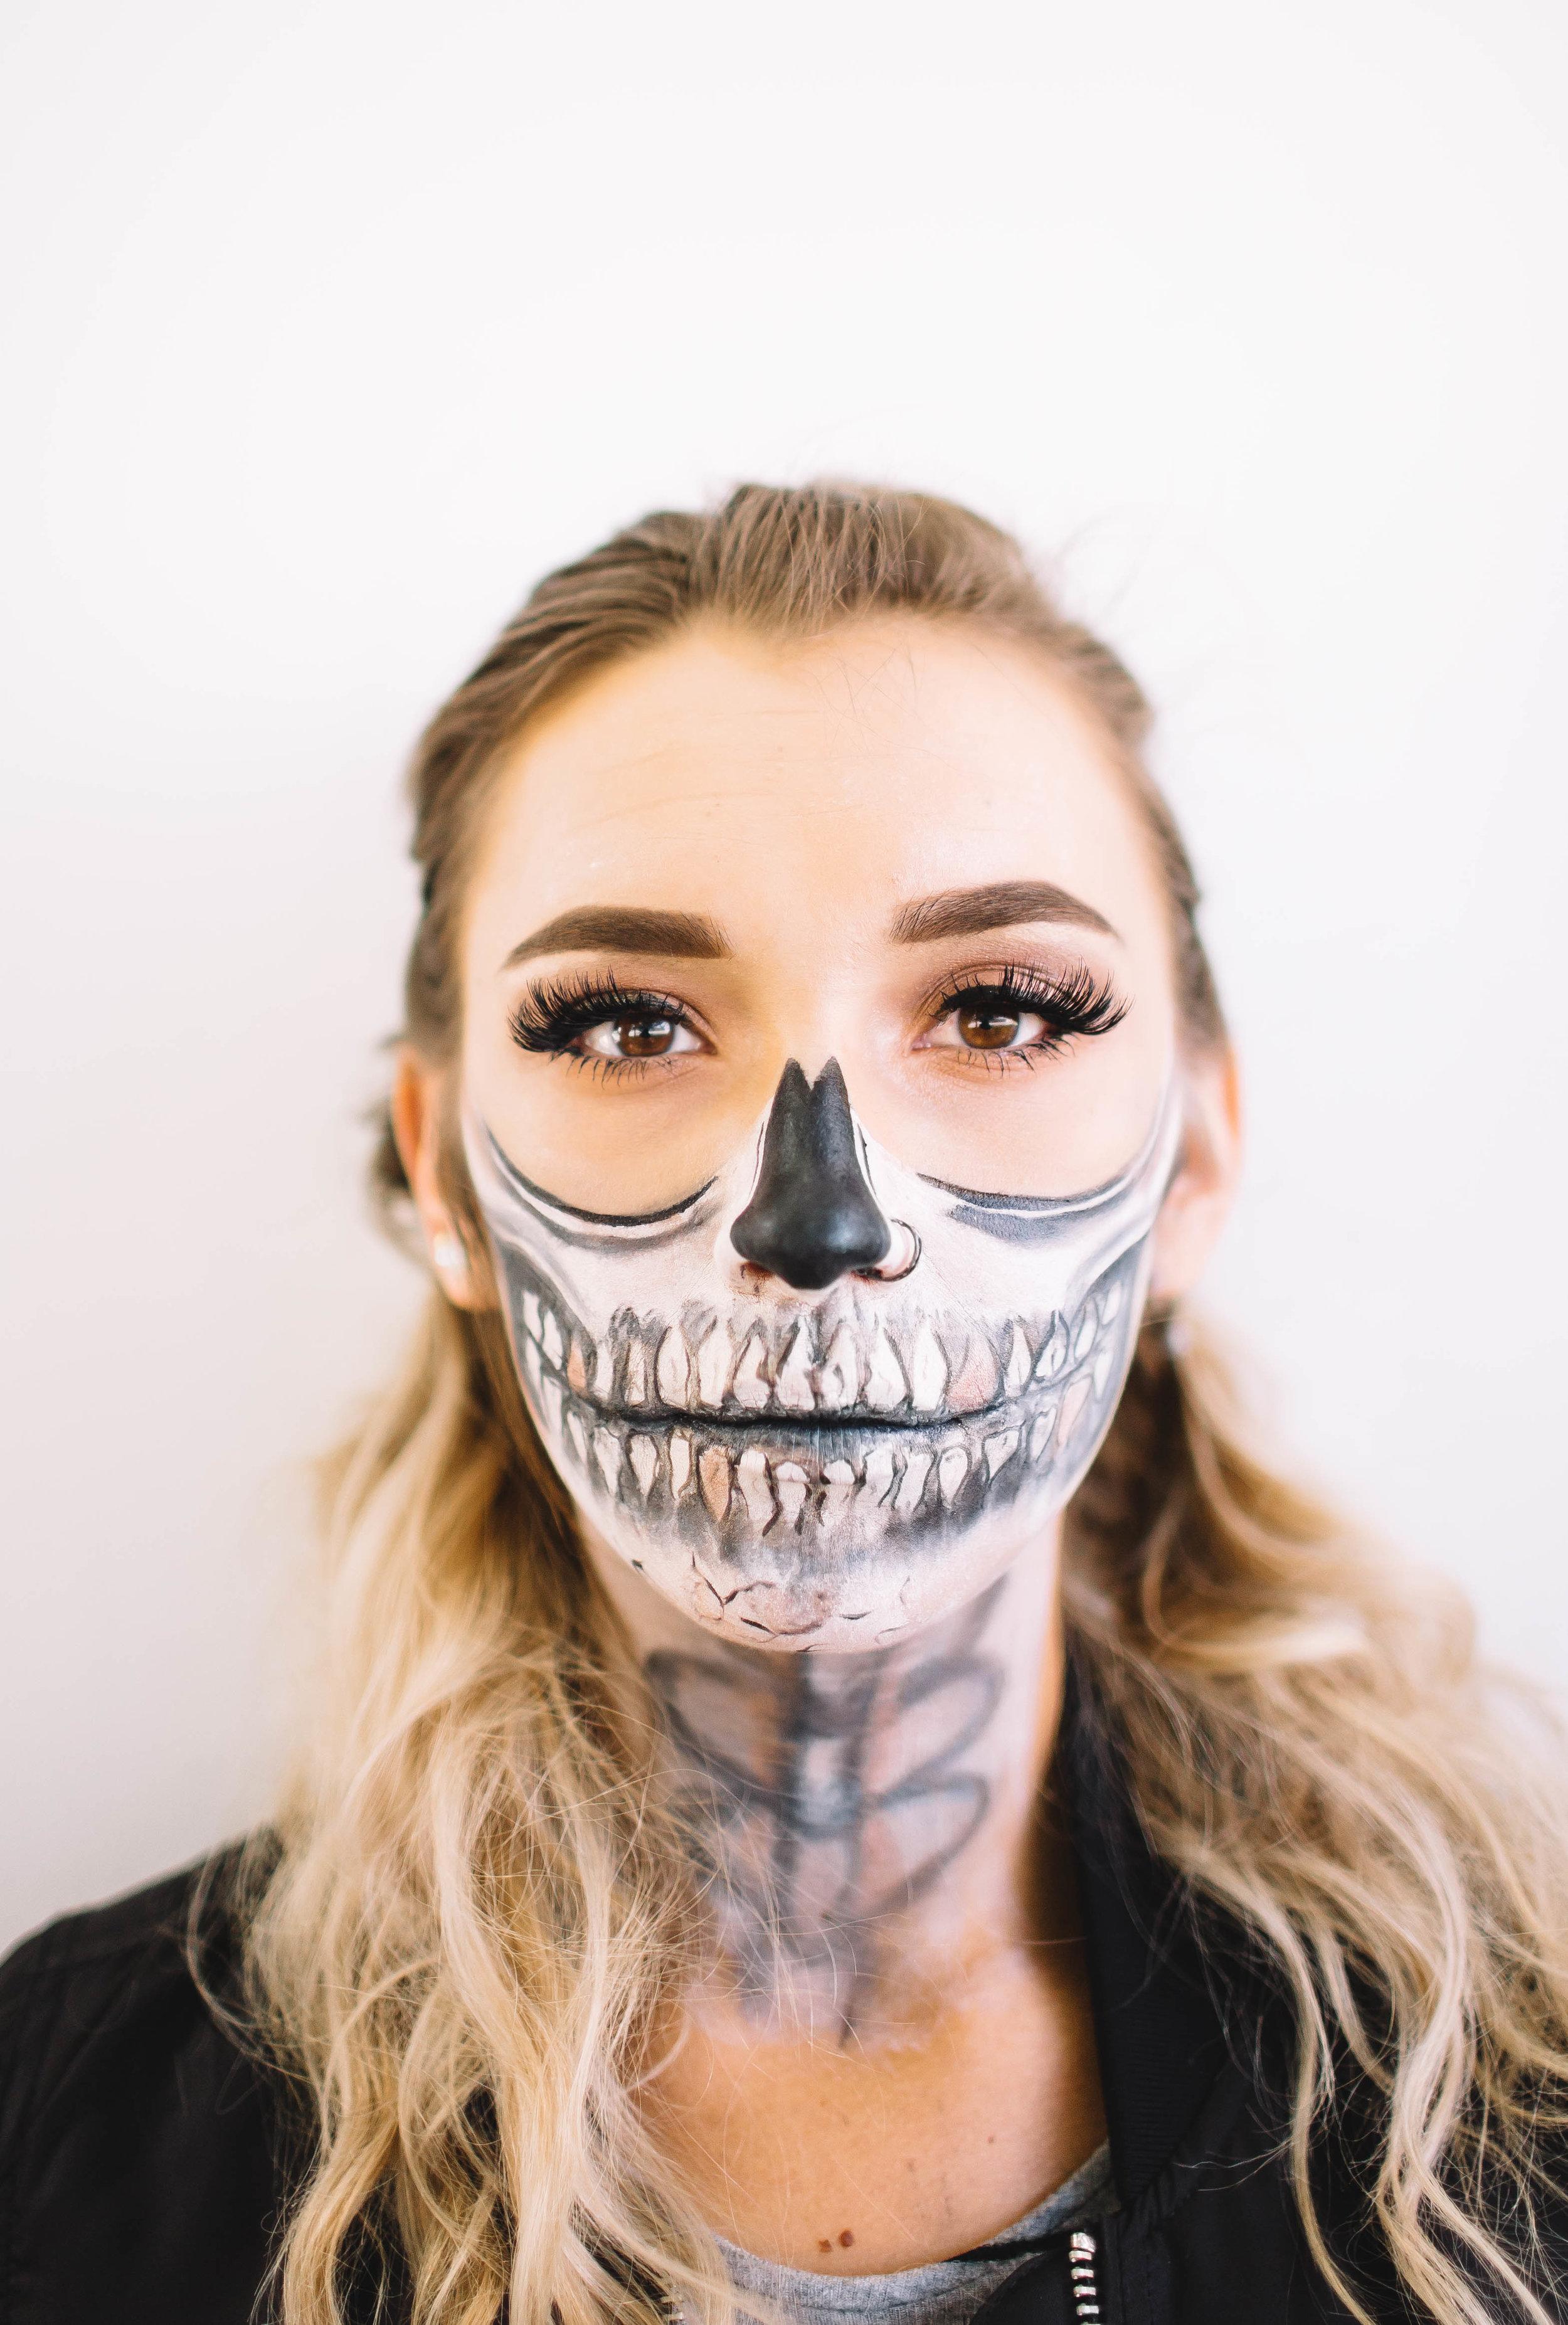 Glam Skeleton - Model: Morgan HeymanMakeup: MePhotographer: Summer Brown